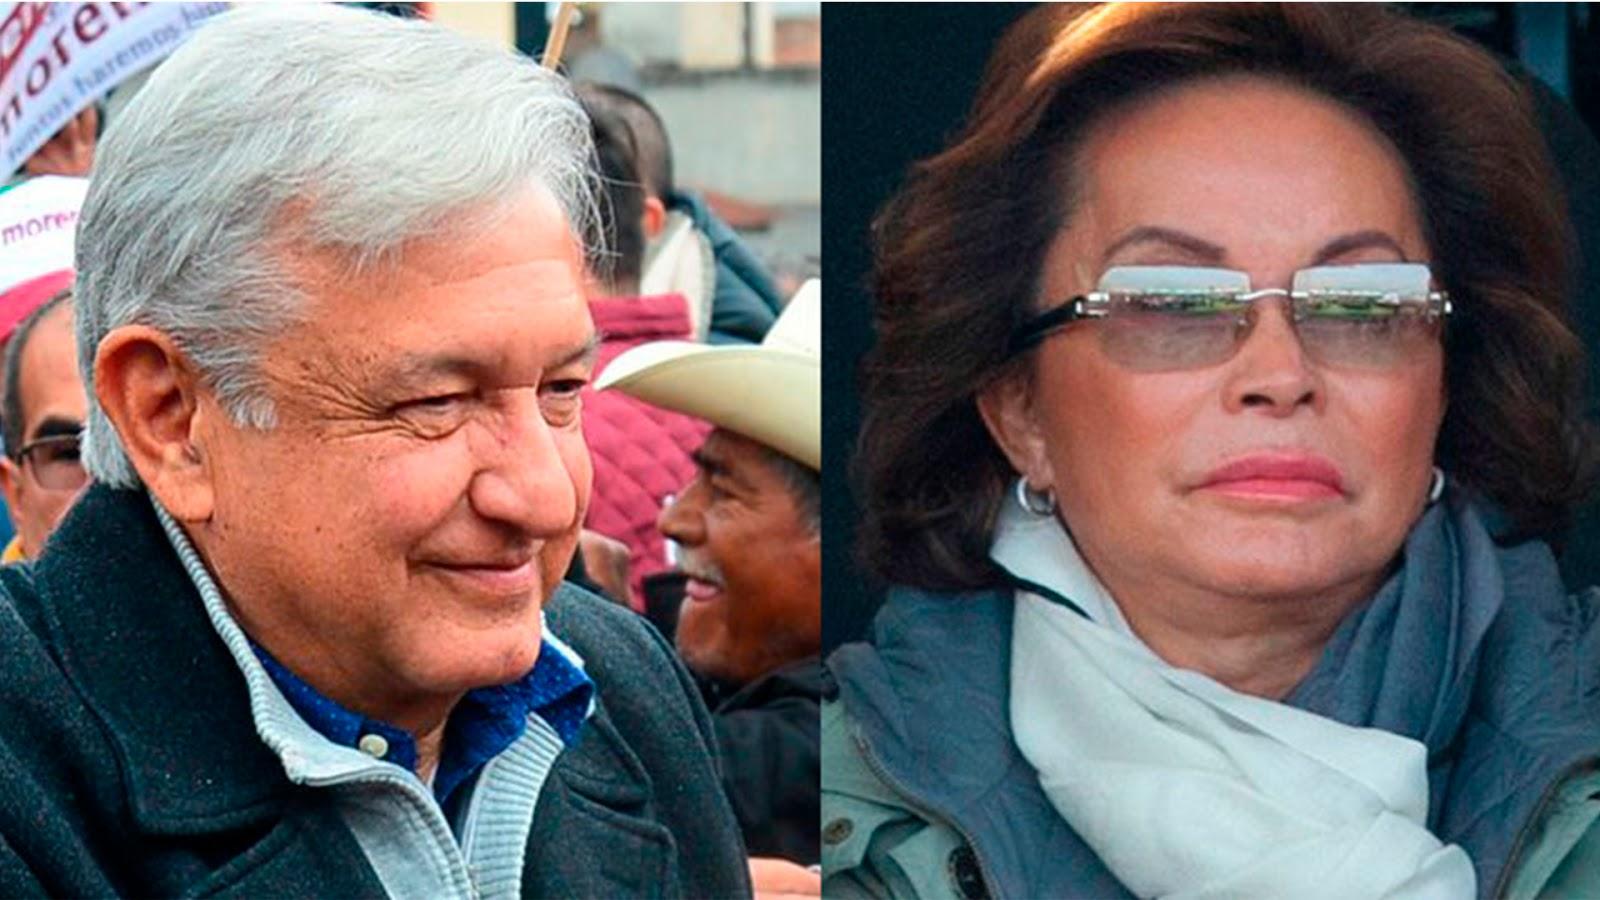 Elba Esther regresa a la política apadrinada por López Obrador: PRD